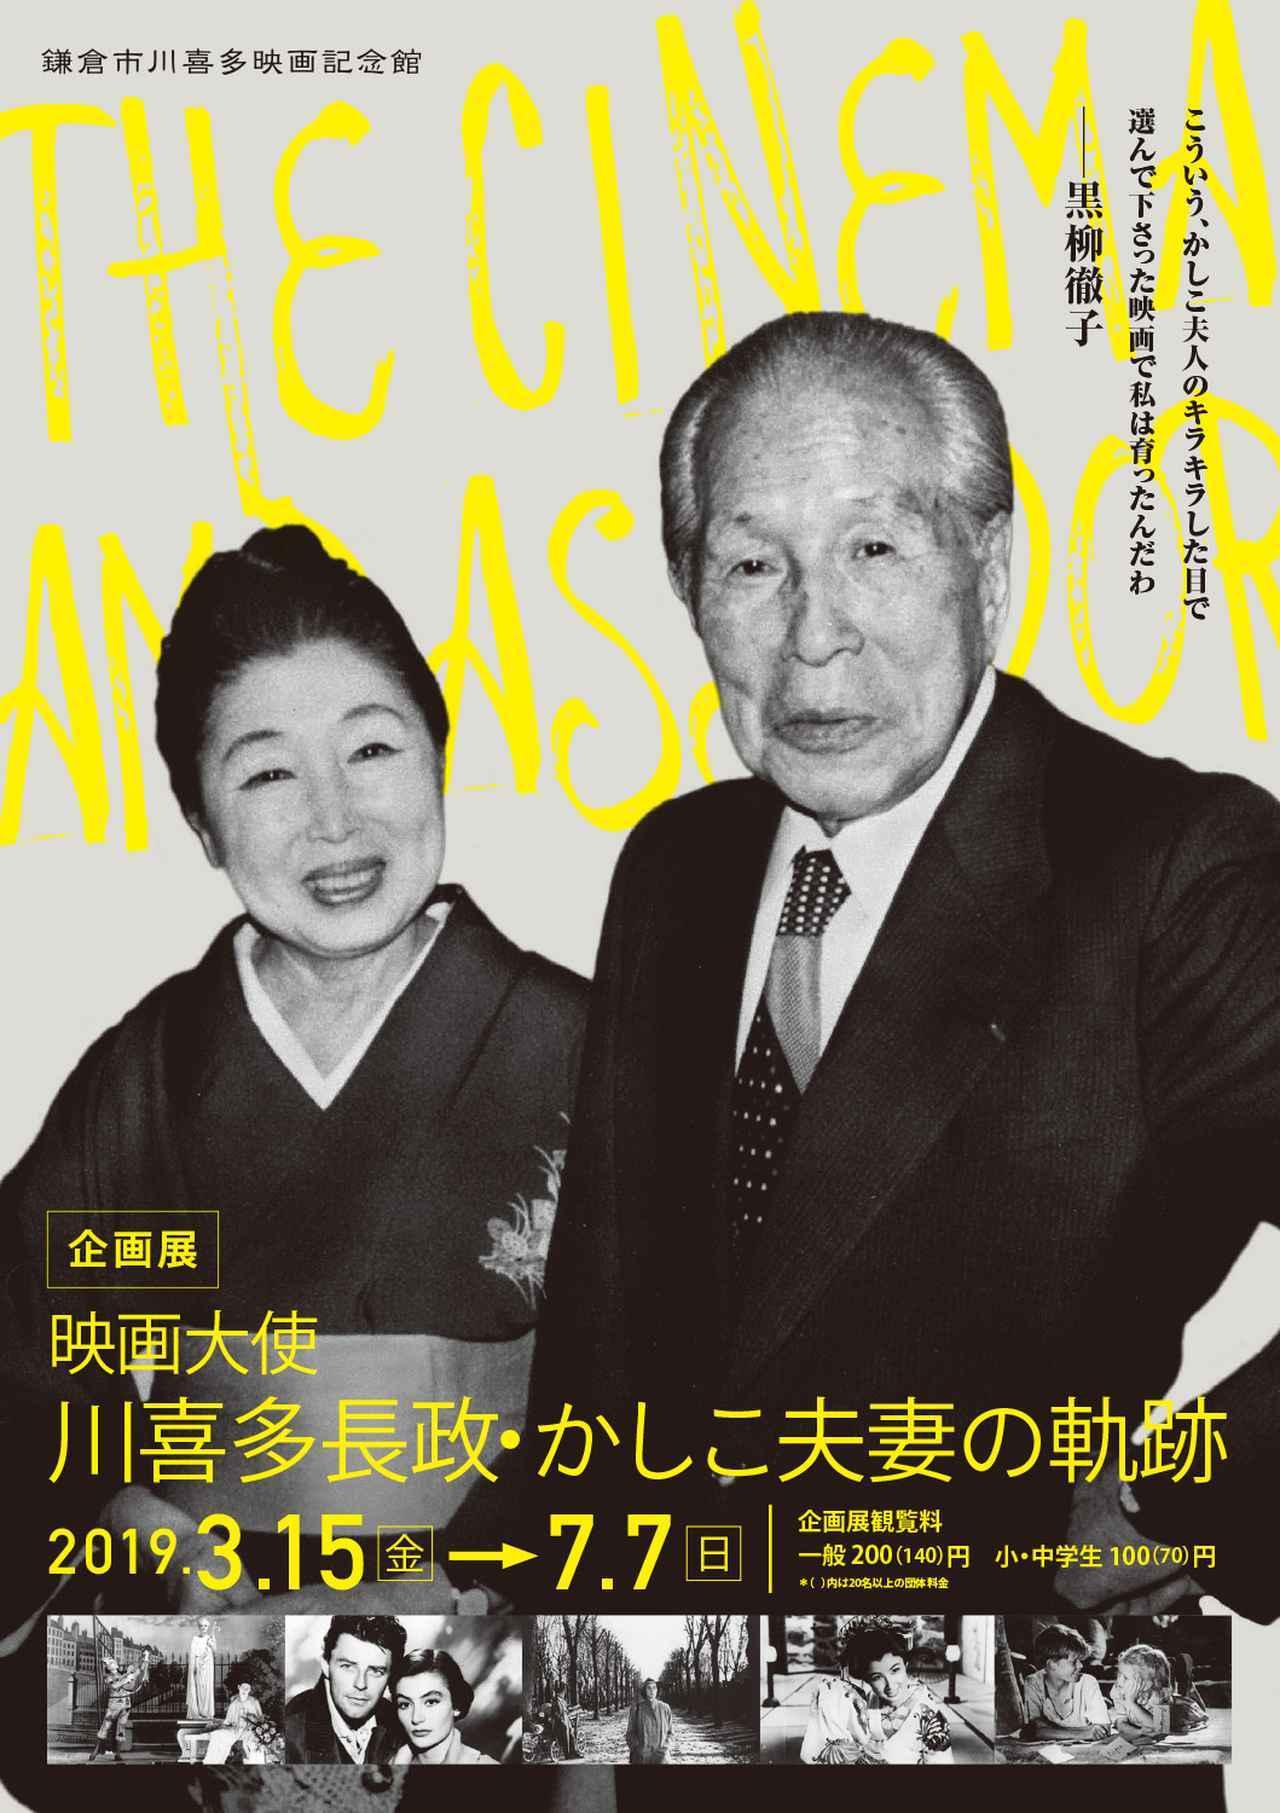 画像: 鎌倉の地に暮らし、映画を通した国際交流に貢献した 2 人